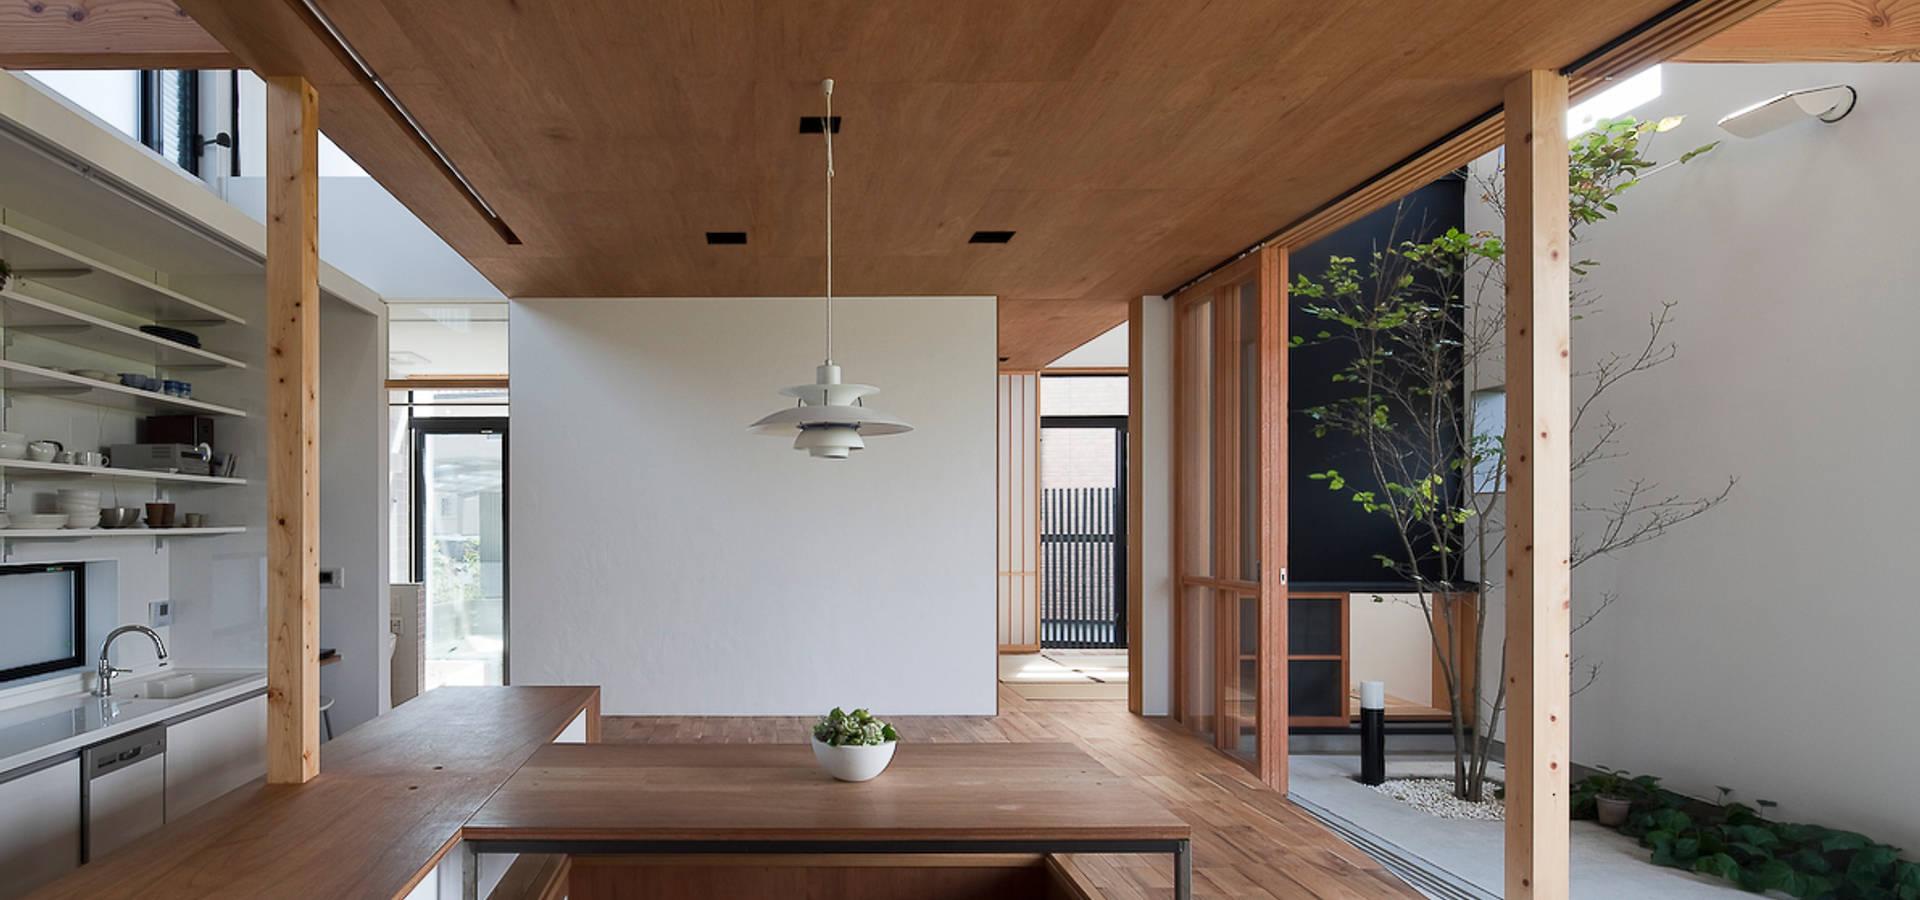 g_FACTORY 建築設計事務所